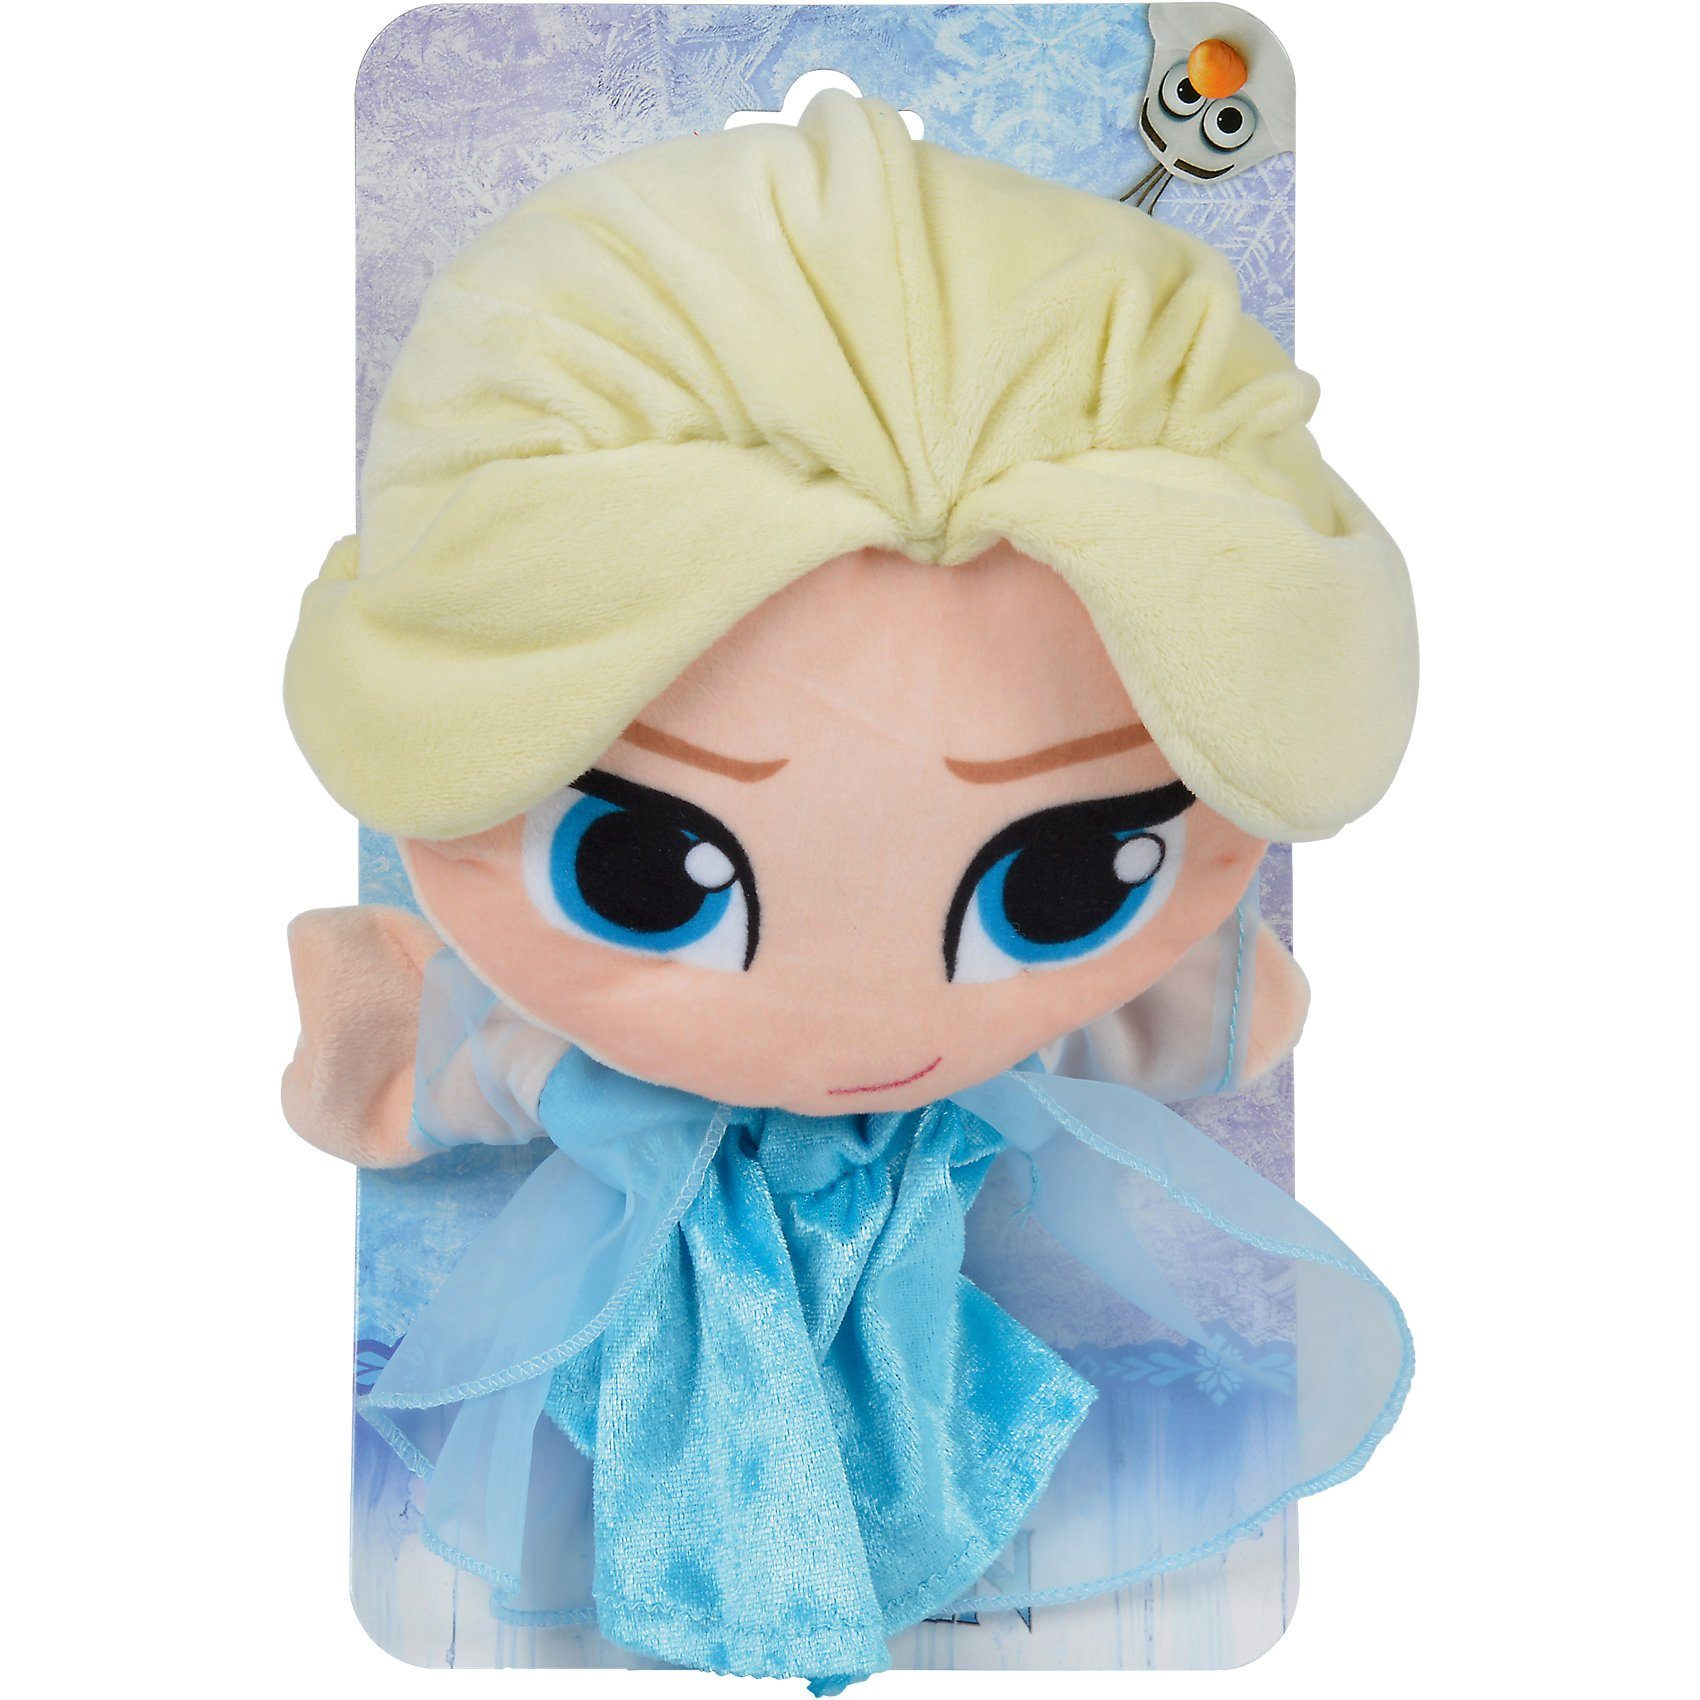 Simba Disney Frozen Handspielpuppe Elsa, 25 cm